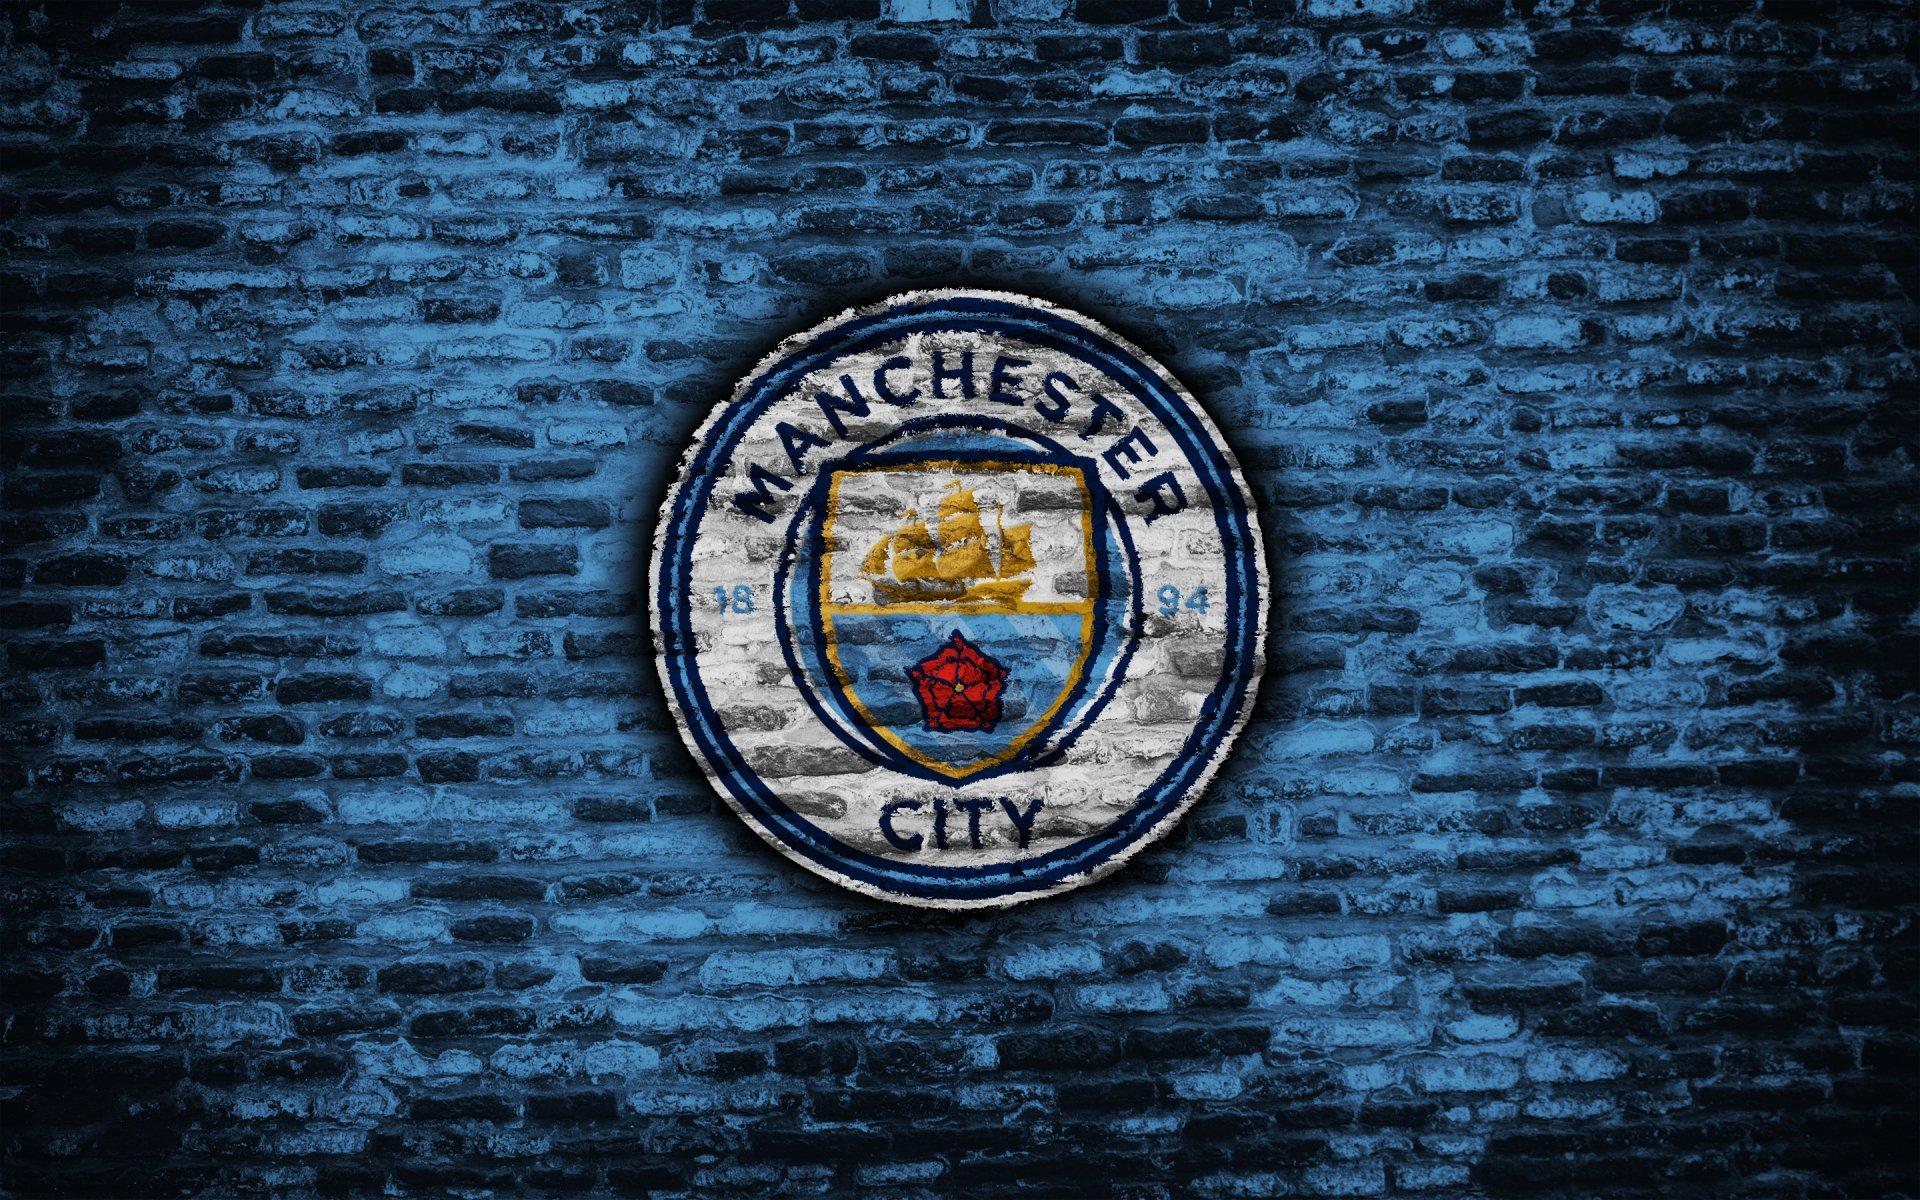 Манчестер сити обои 1920